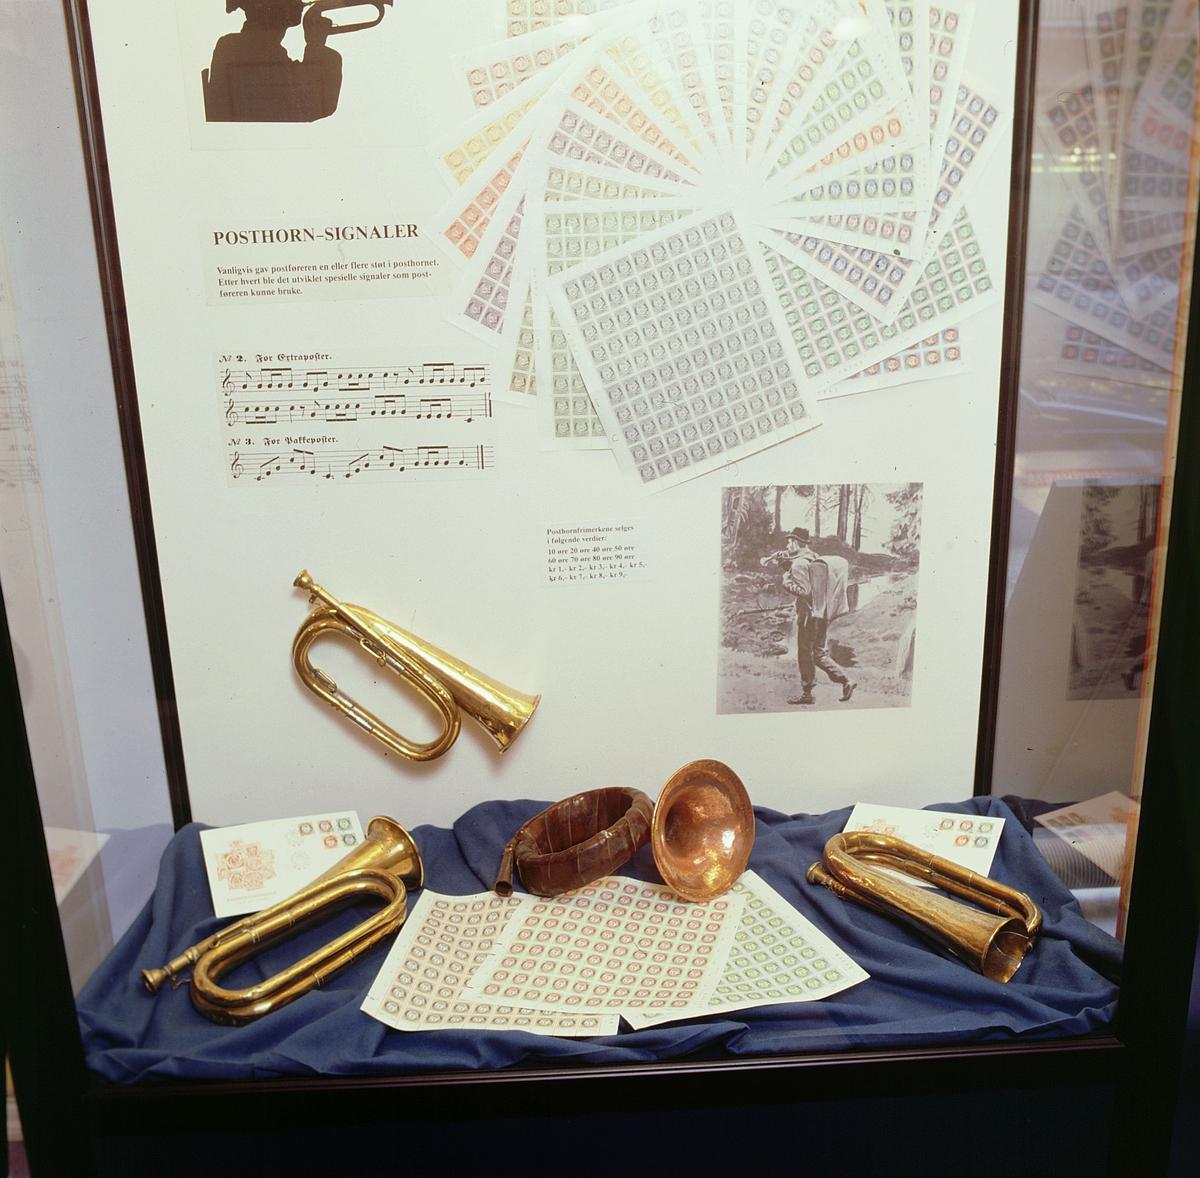 postmuseet, Kirkegata 20, utstilling, posthorn, posthornfrimerker